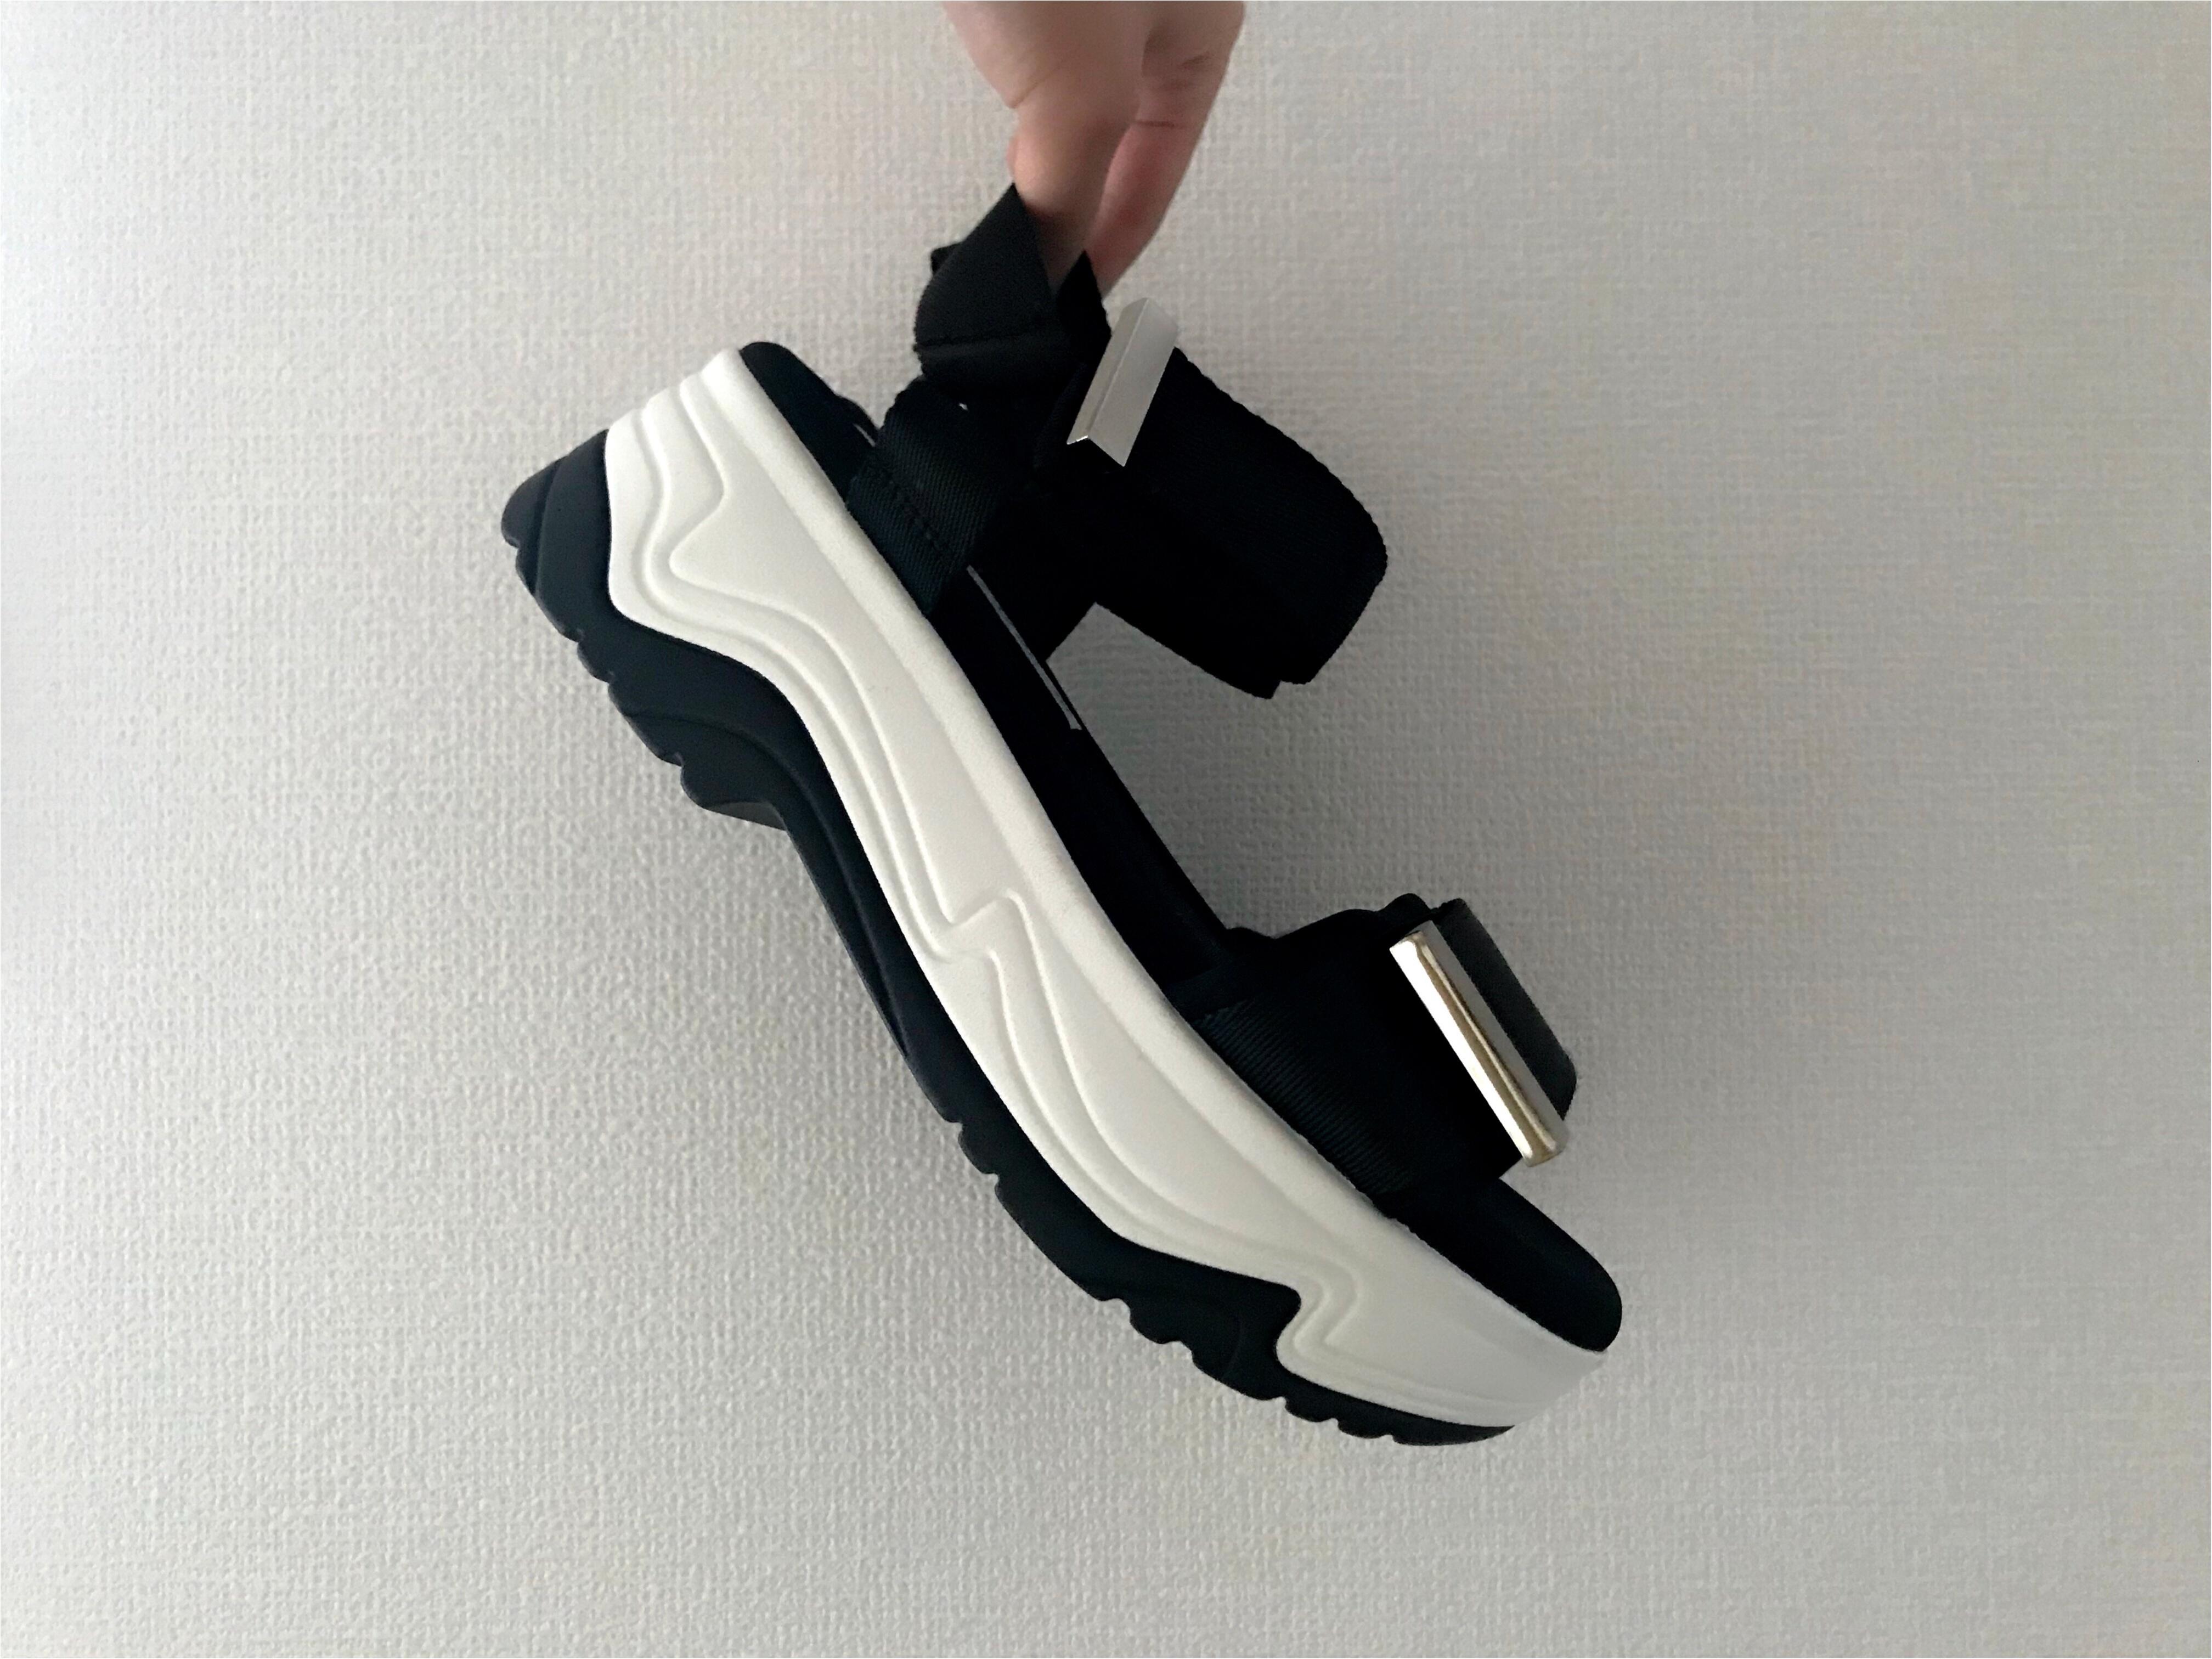 【ZARA】買ってよかった高コスパ靴!売切れ必須#ヴェッジソールサンダルが優秀すぎ♡_2